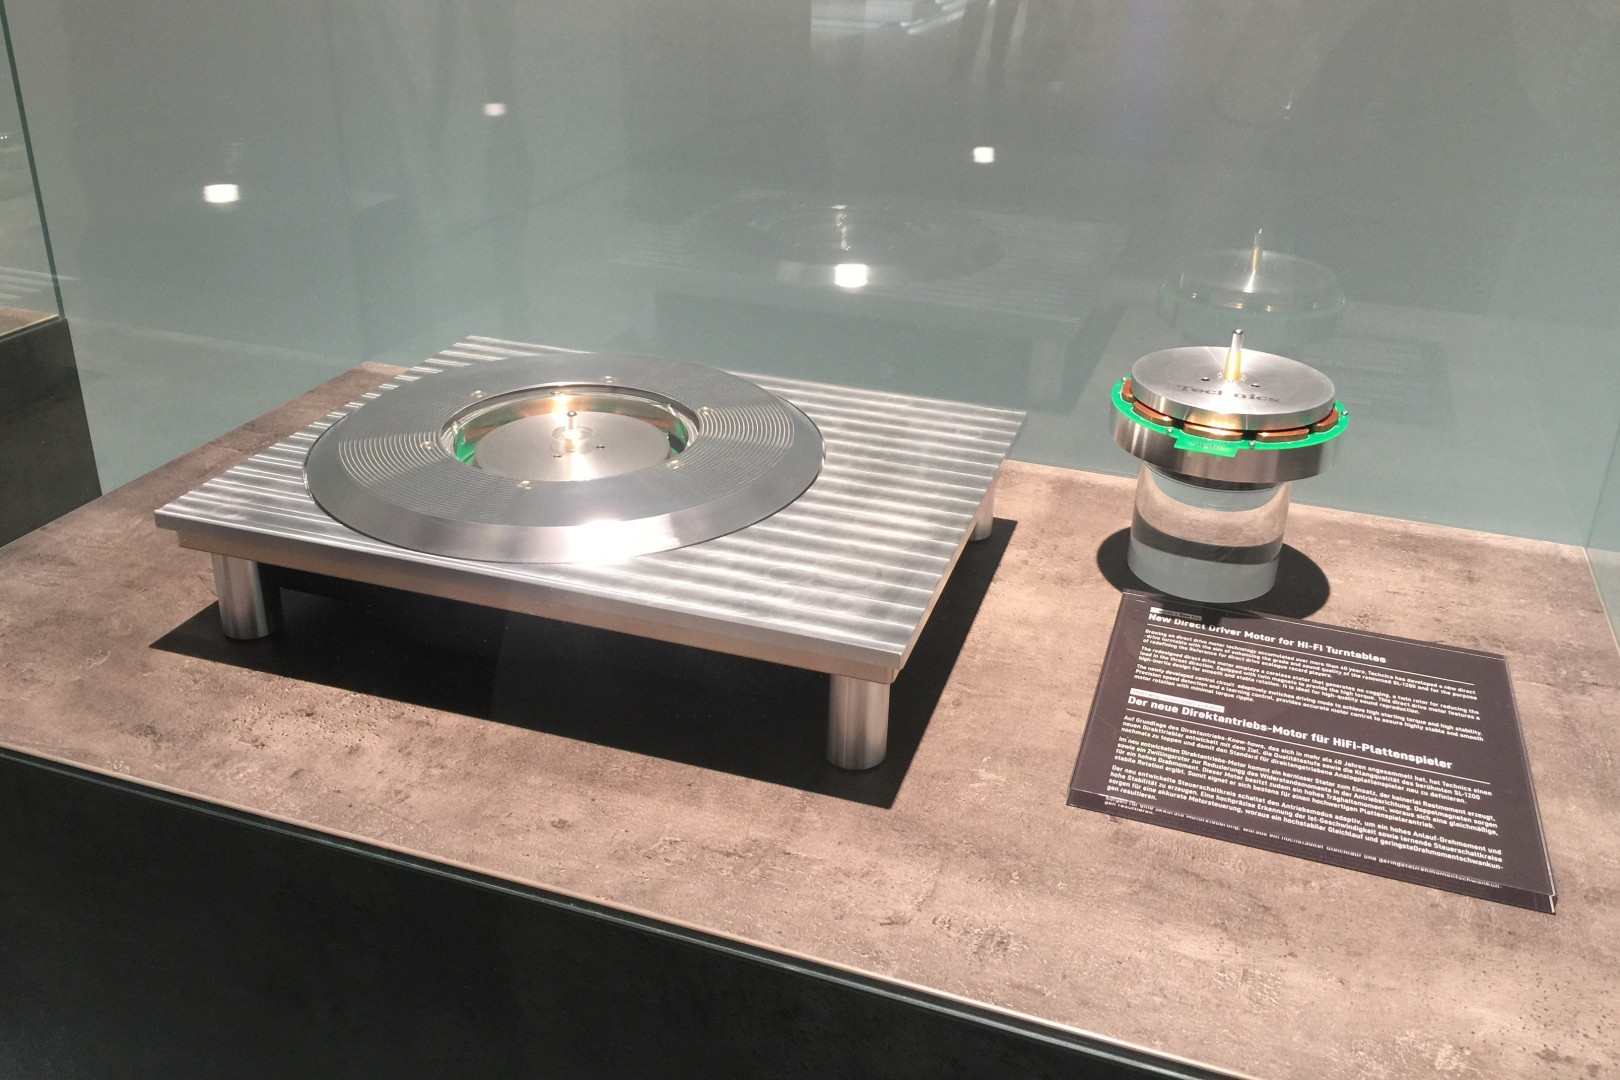 Un prototype de platine Technics présenté par Panasonic à l'IFA